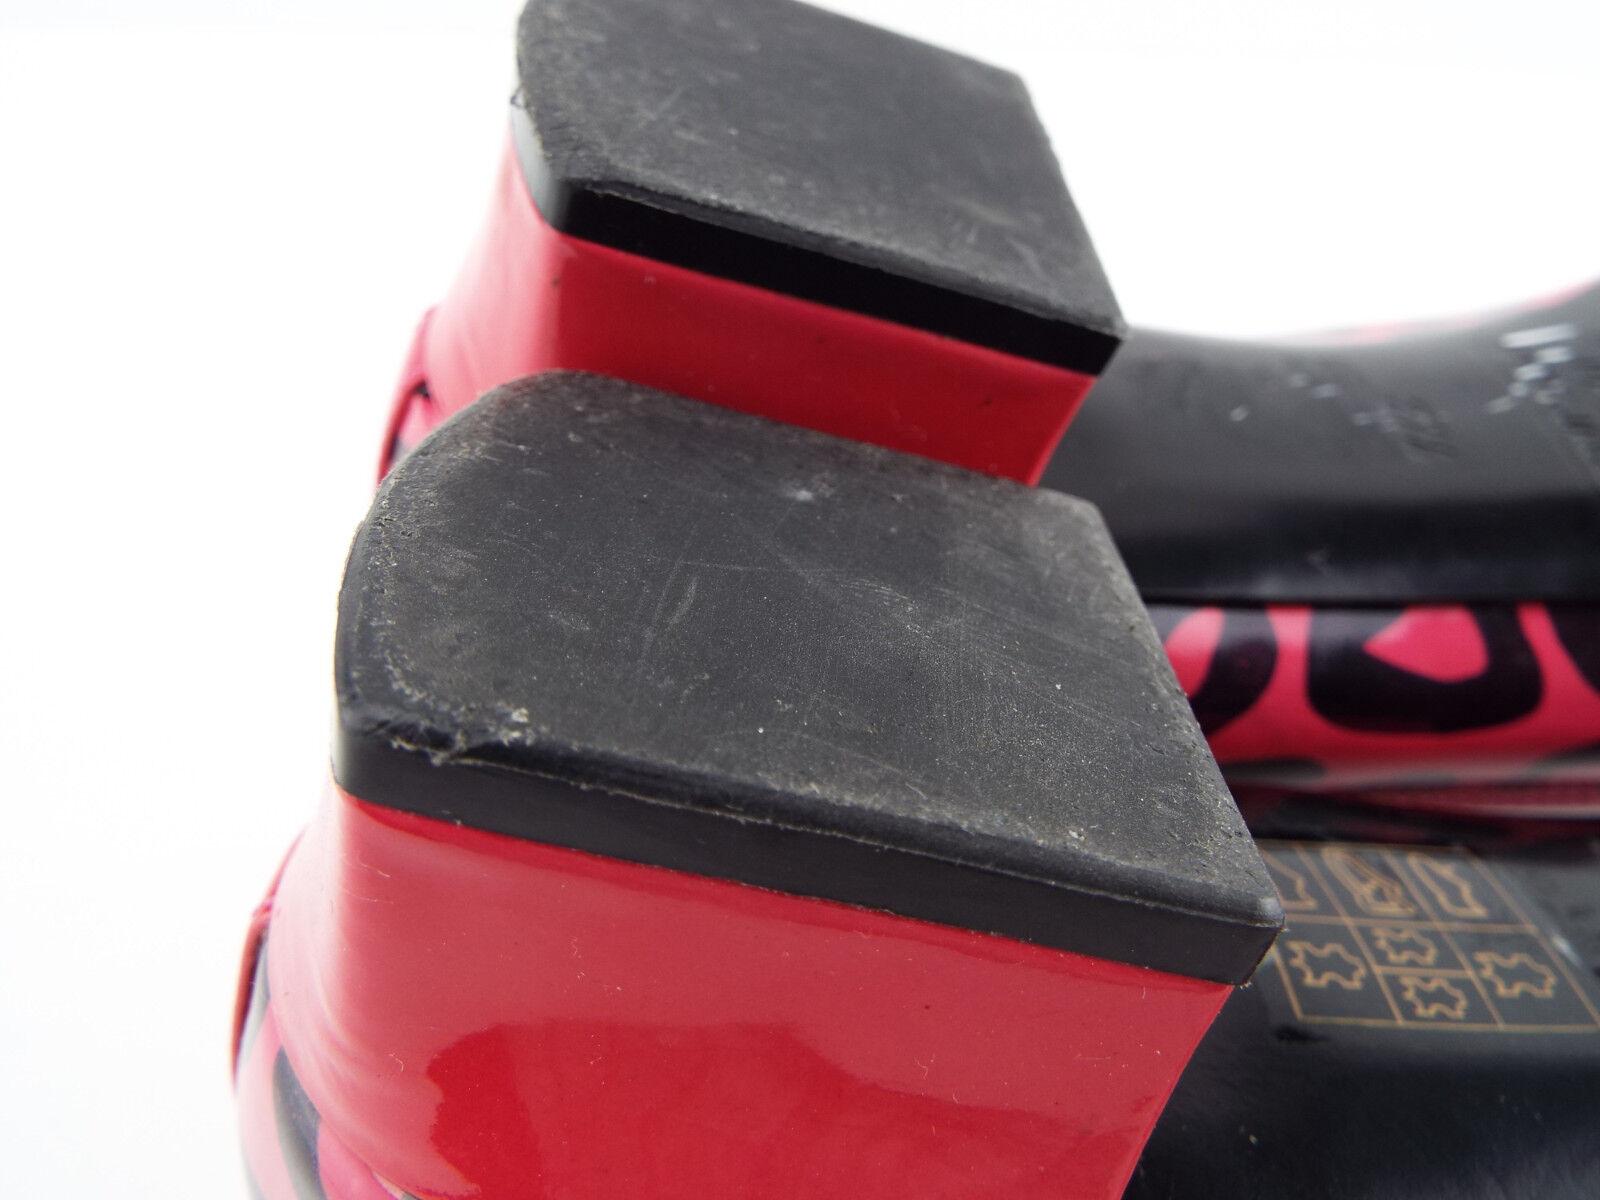 MARC JACOBS JACOBS JACOBS Größe 7.5 Rosa Patent Leather Heart Logo Block Heels Pumps schuhe 37.5 4ea895